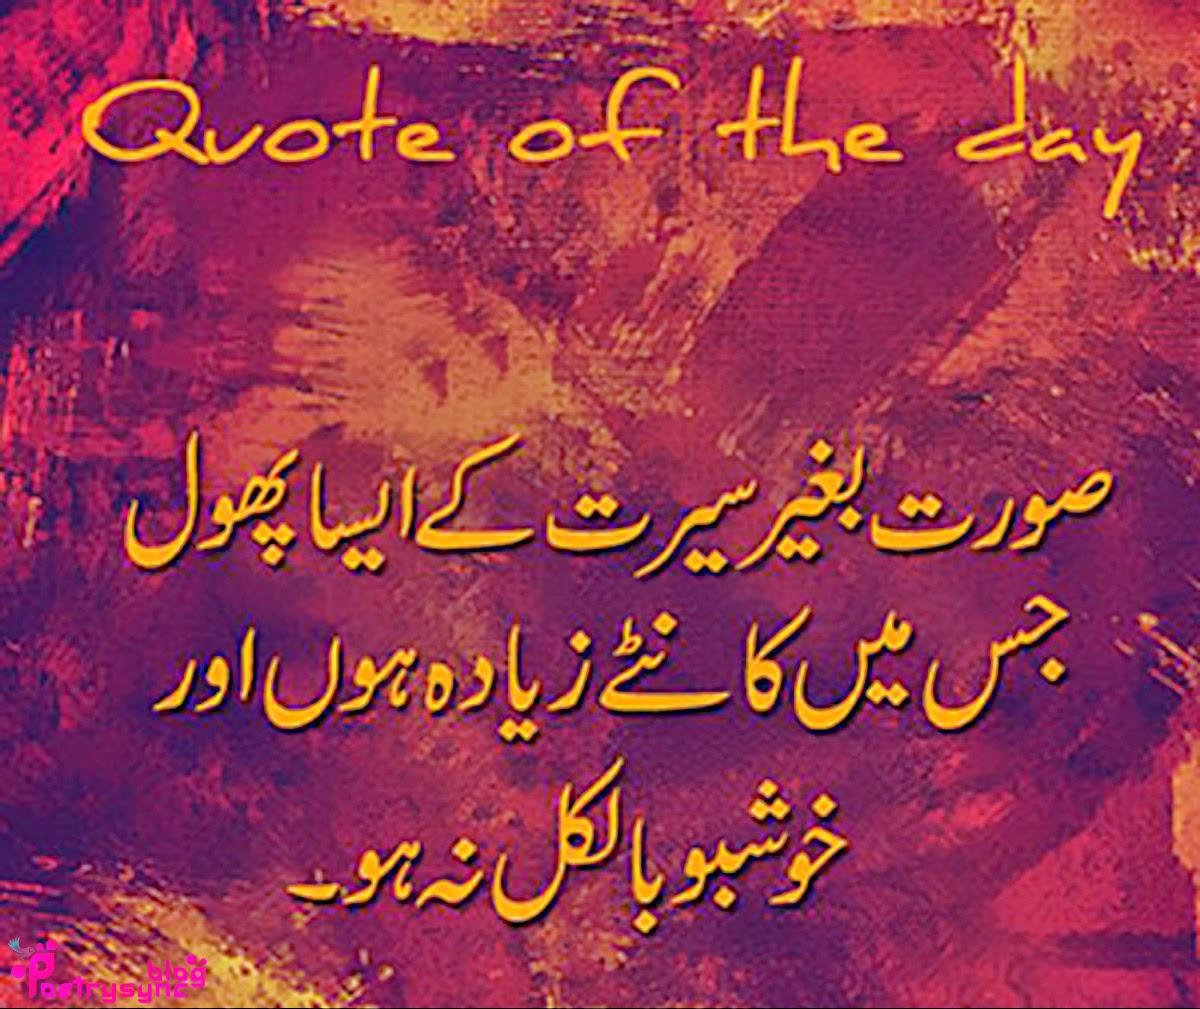 Islamic Quotes Urdu Facebook. QuotesGram